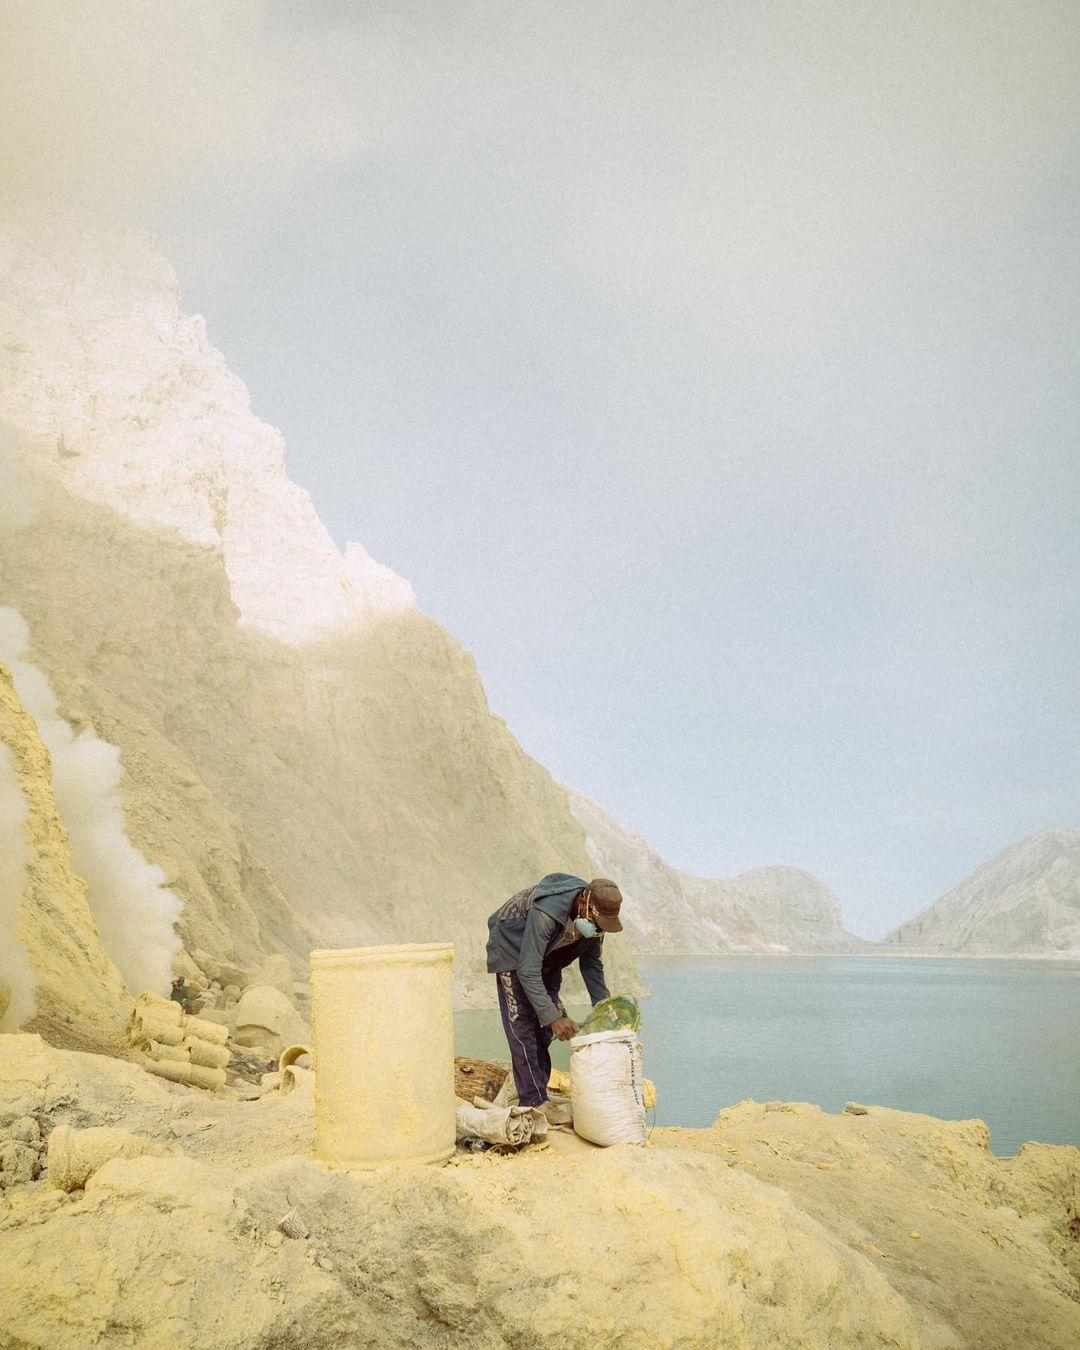 Путешествия и стиль жизни на снимках Джонатана Бертана